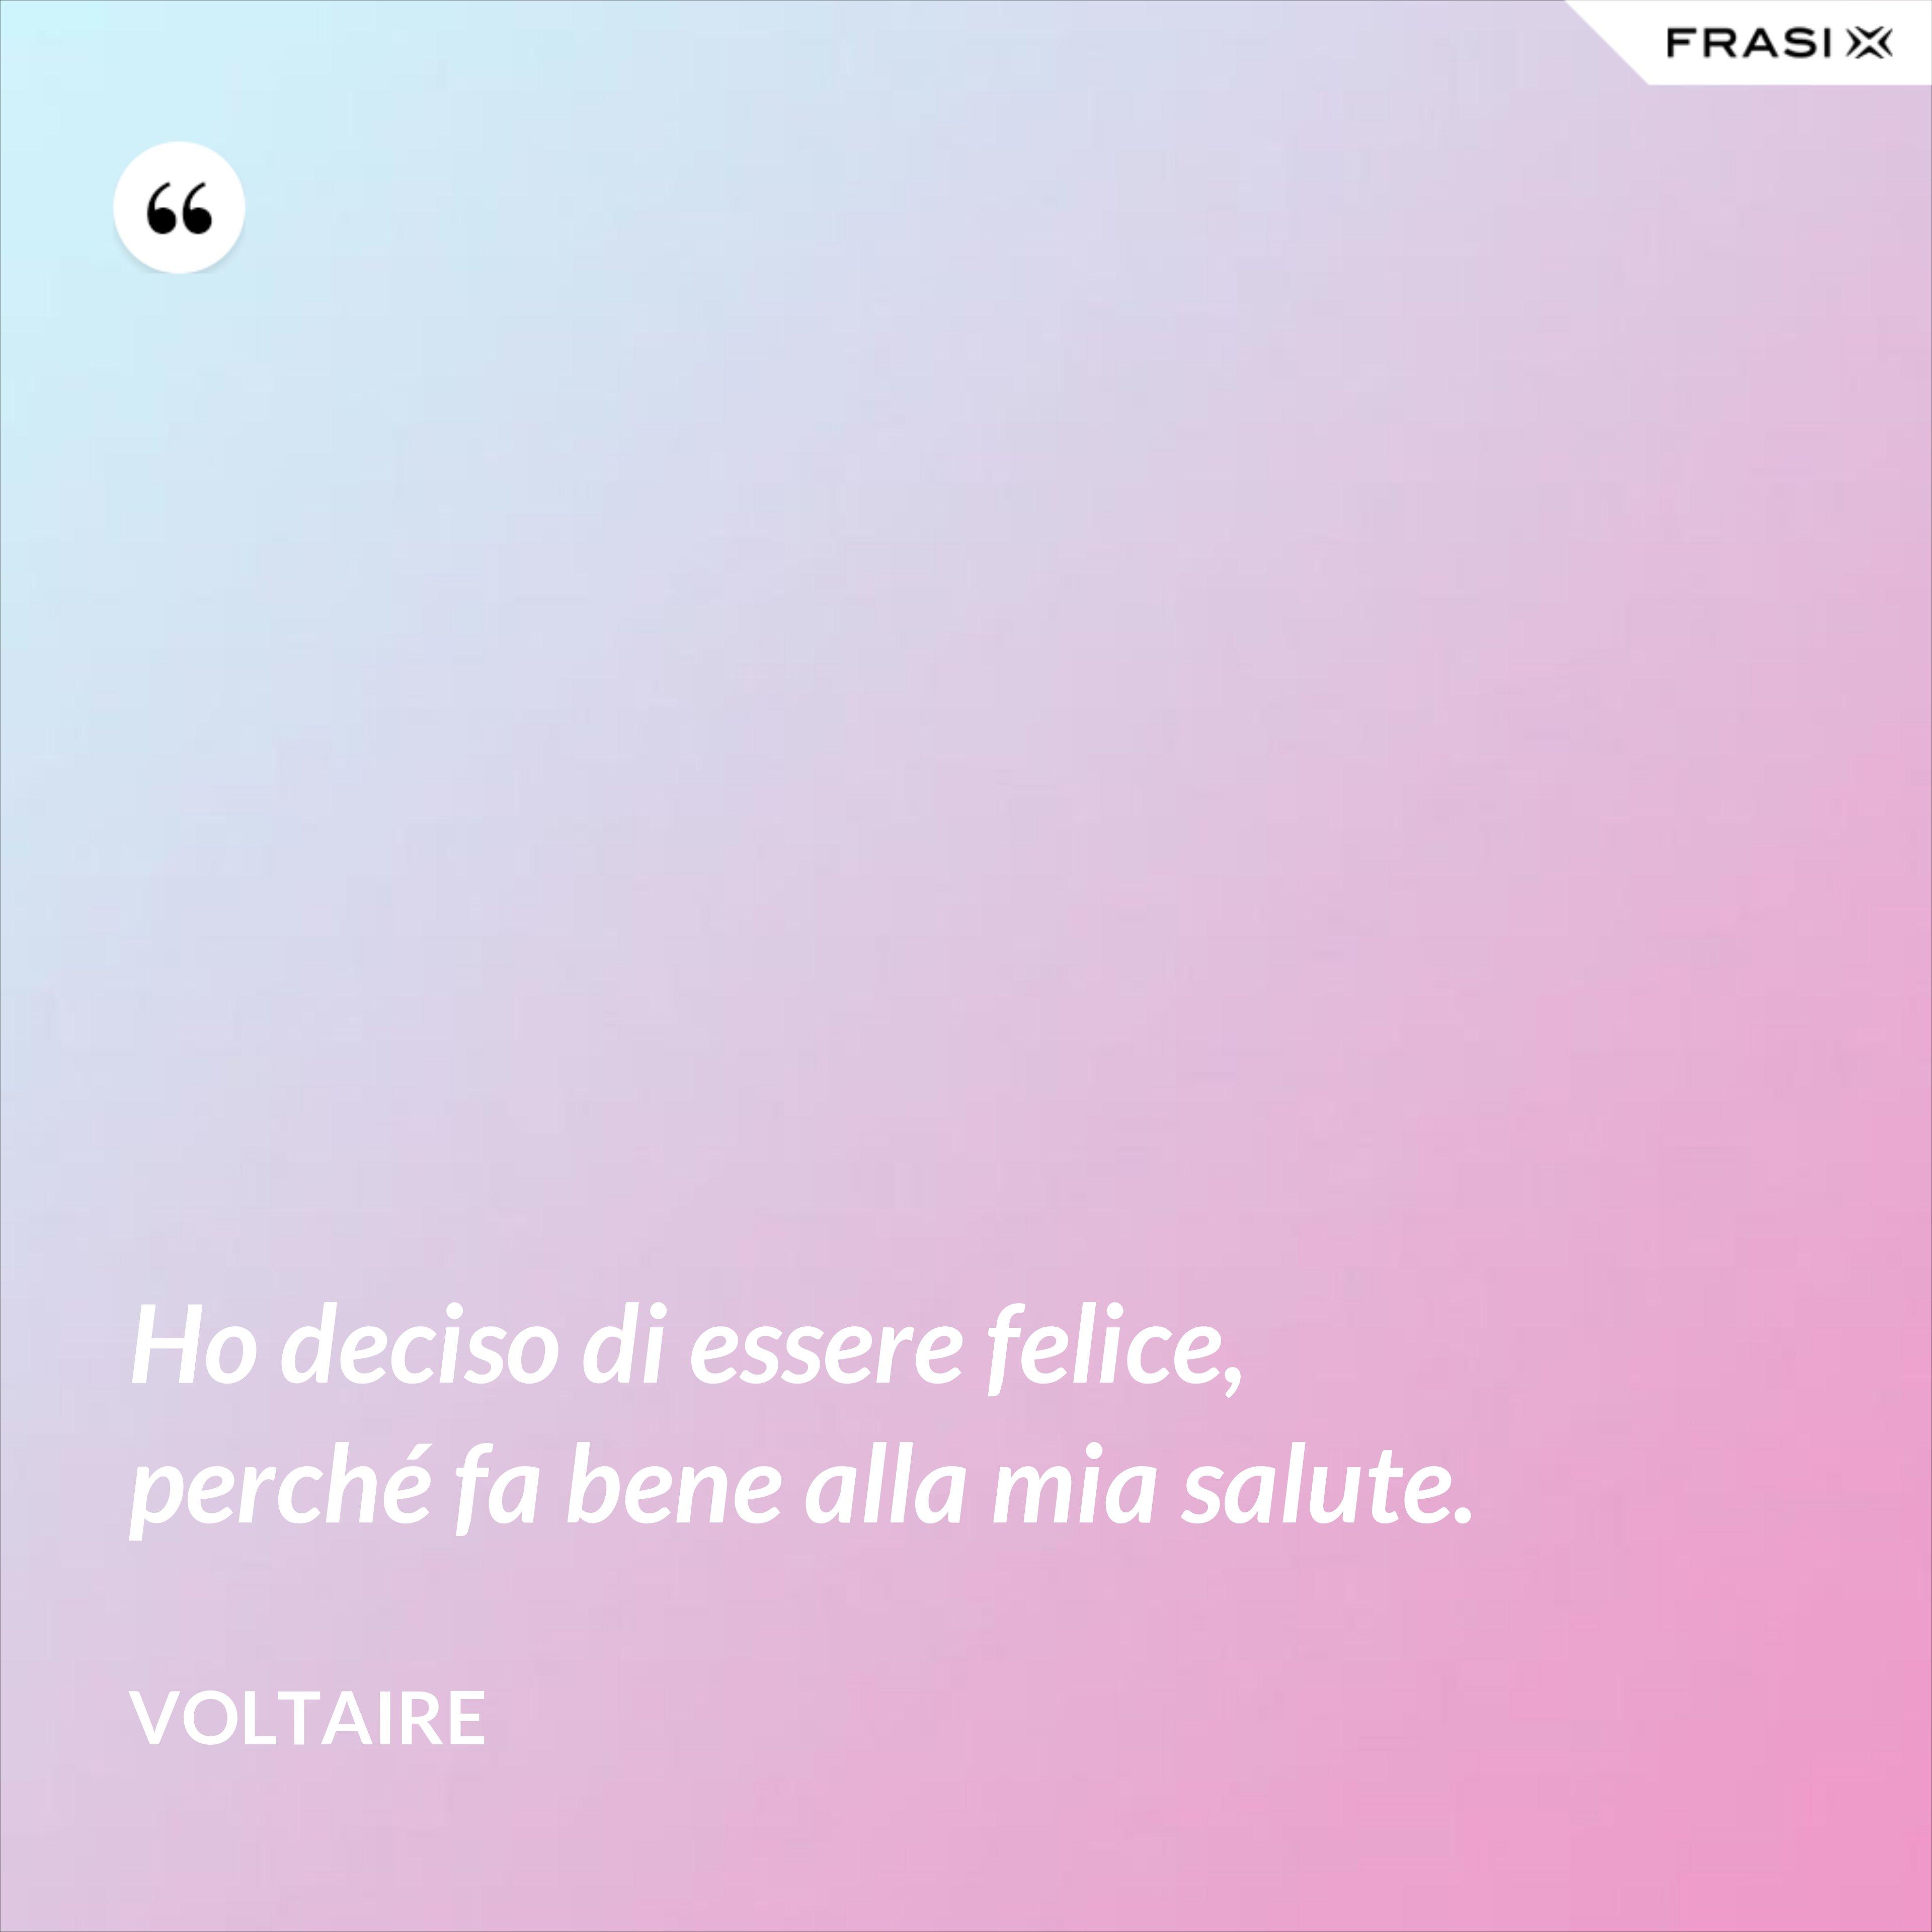 Ho deciso di essere felice, perché fa bene alla mia salute. - Voltaire